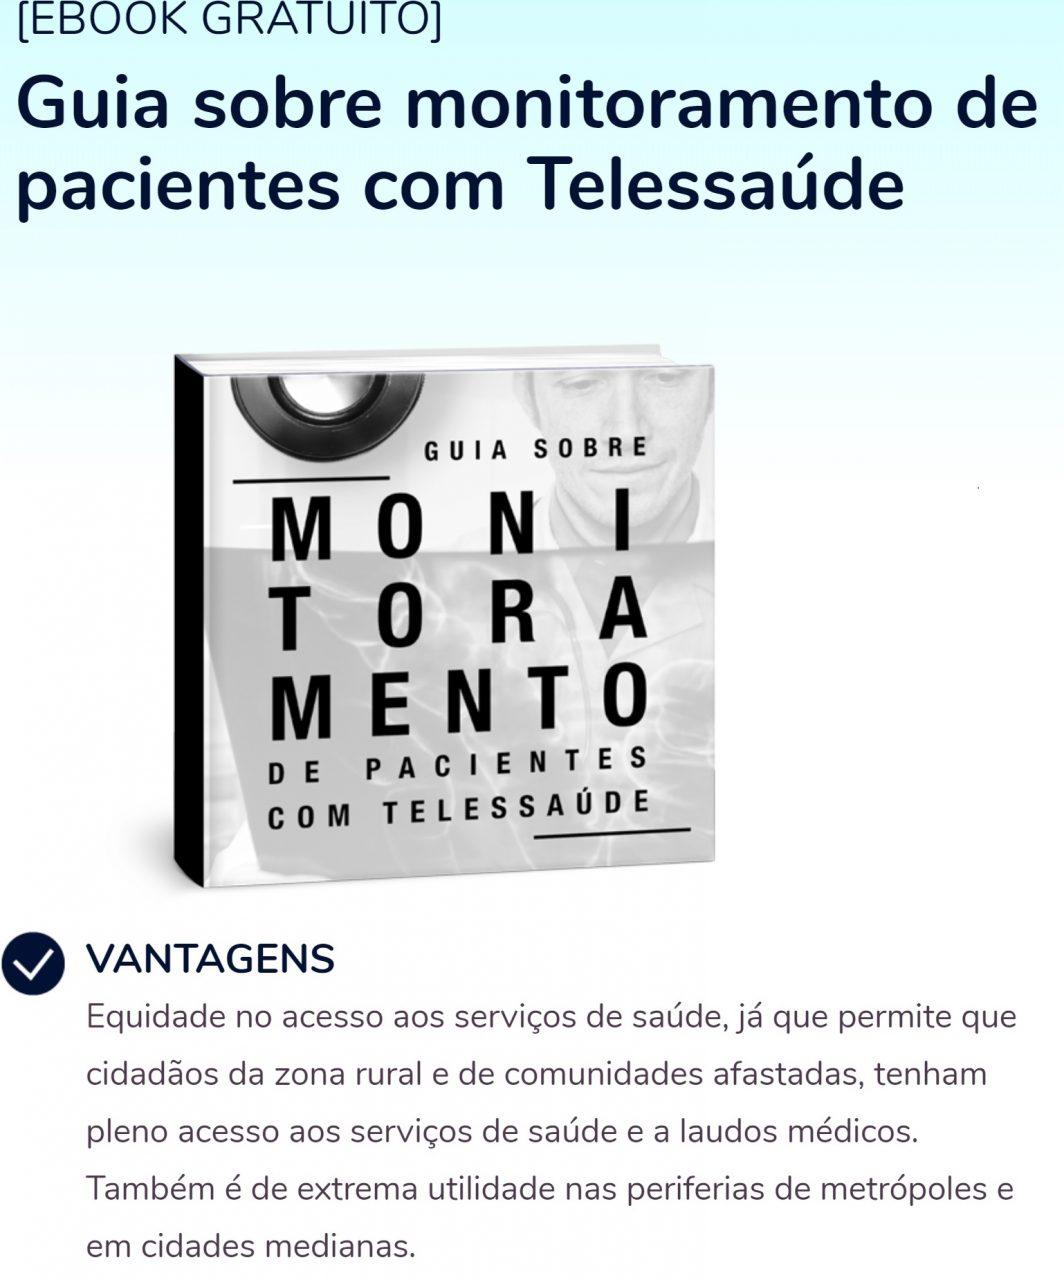 E-book mostra como é possível fazer telemonitoramento usando a telemedicina